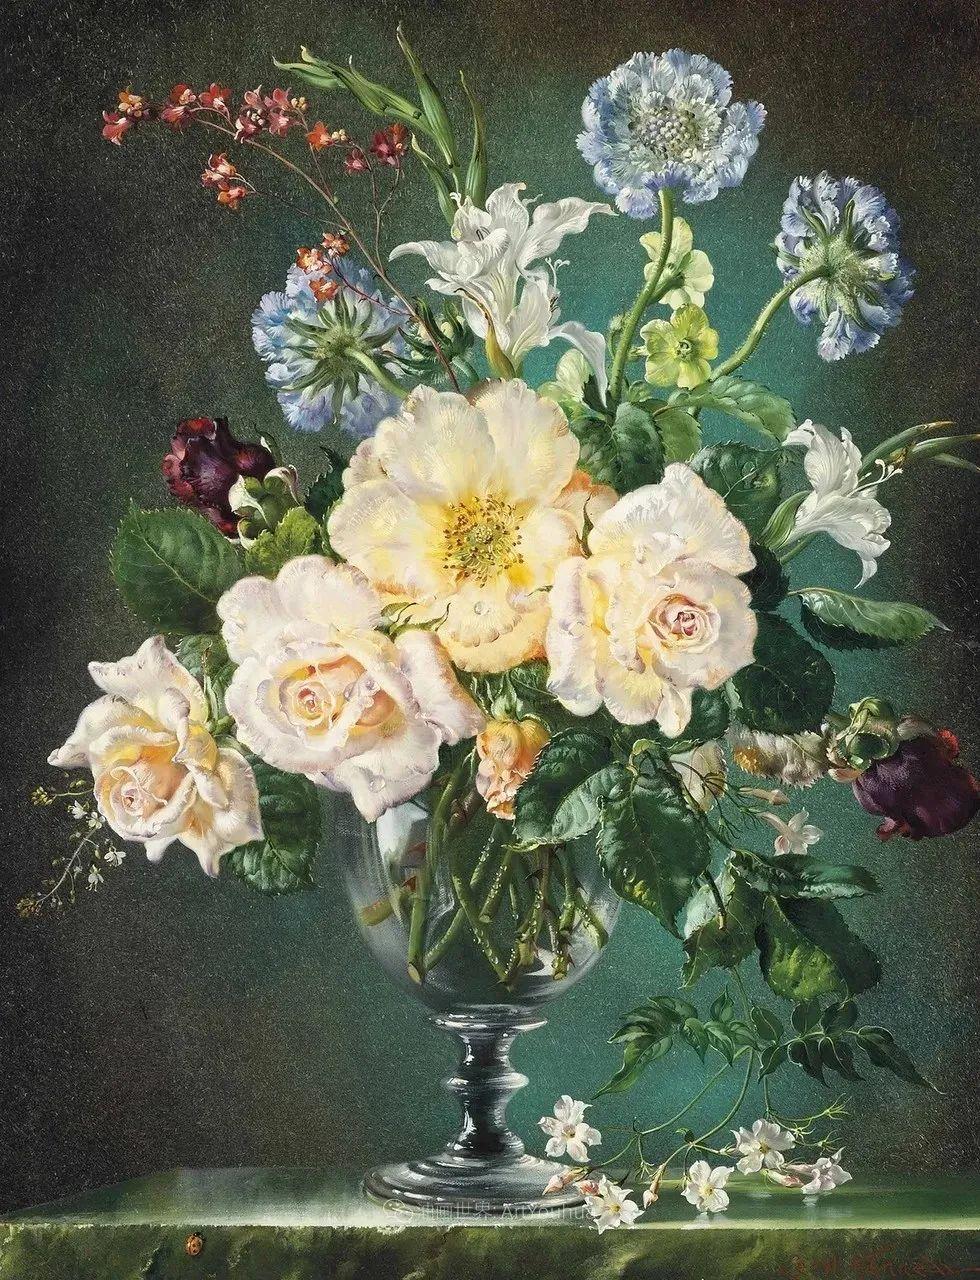 英国最伟大的花卉画家之一,艺术家塞西尔·肯尼迪插图9